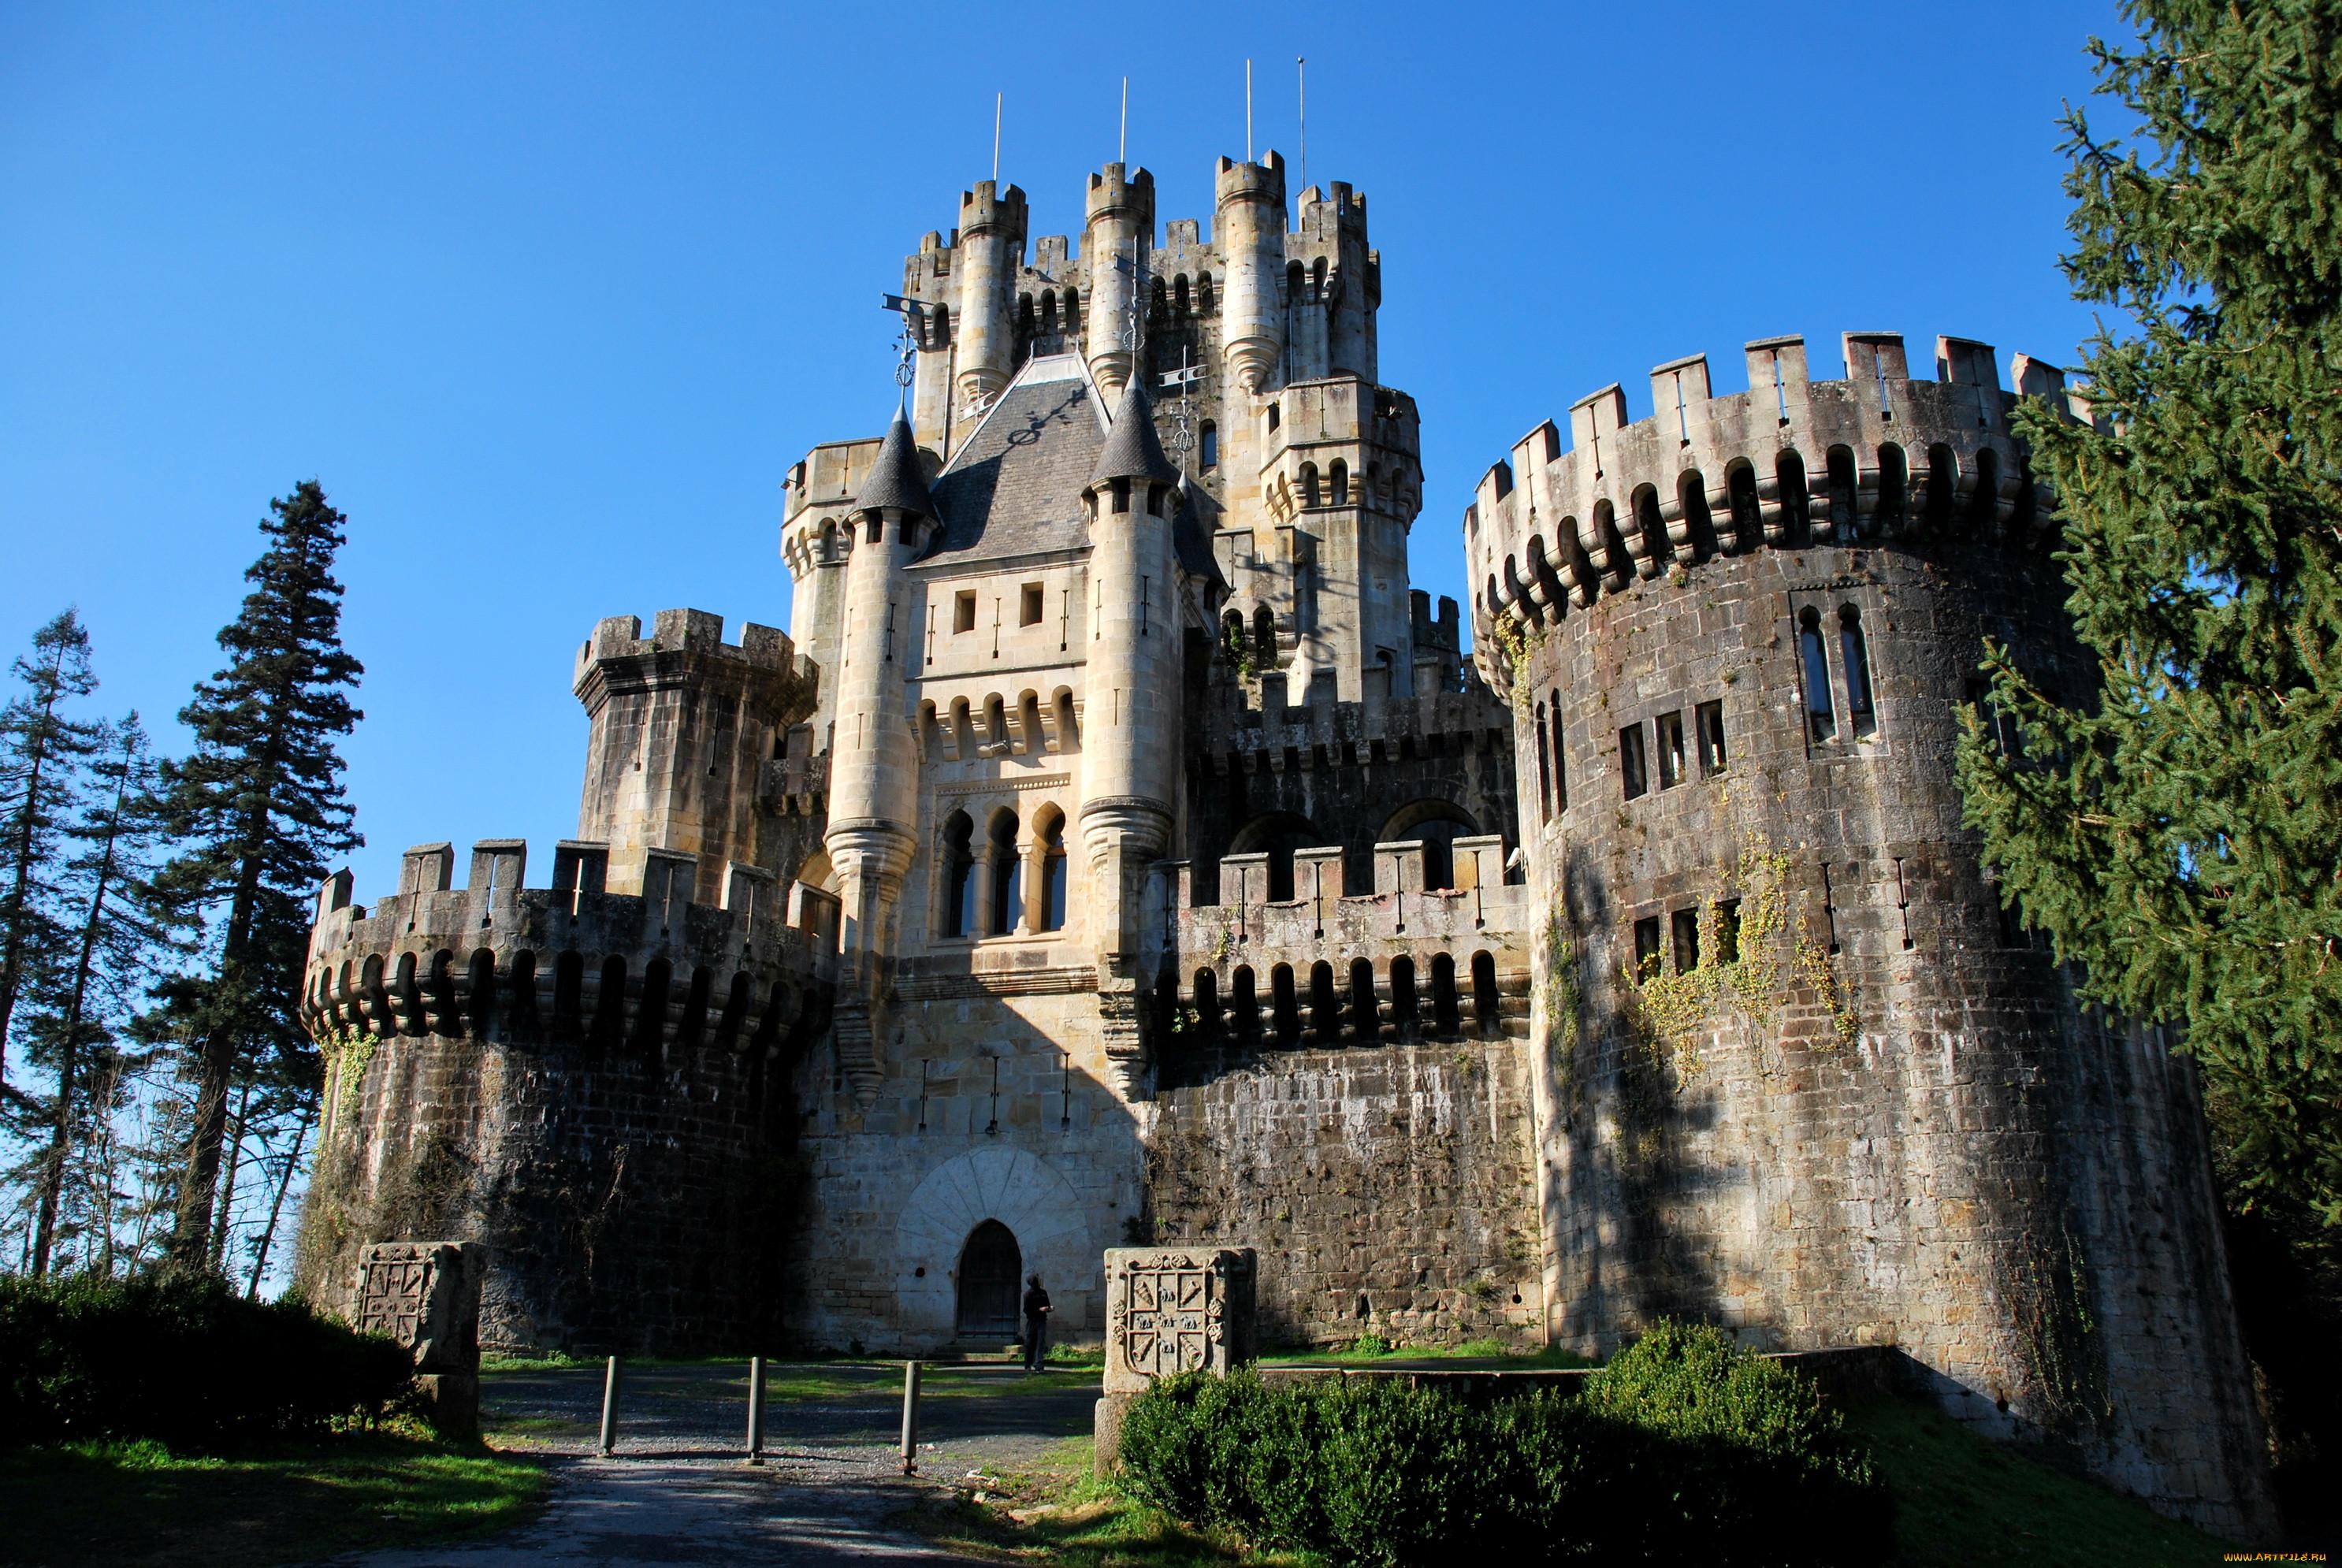 профессиональные фотографии замков самом